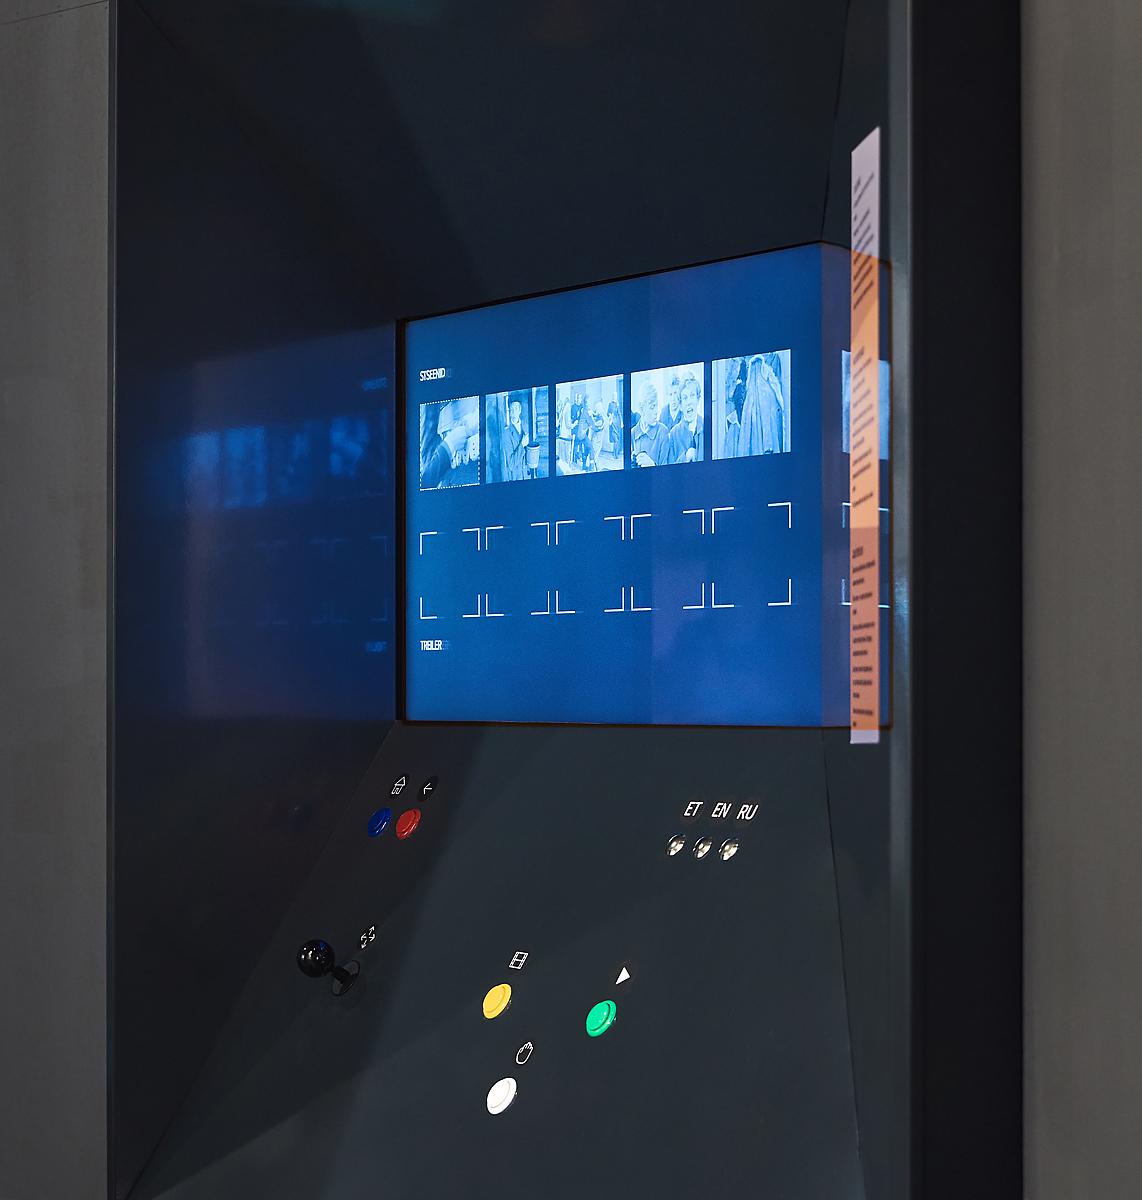 Filmimuuseum / Film Museum - copyright TM Development